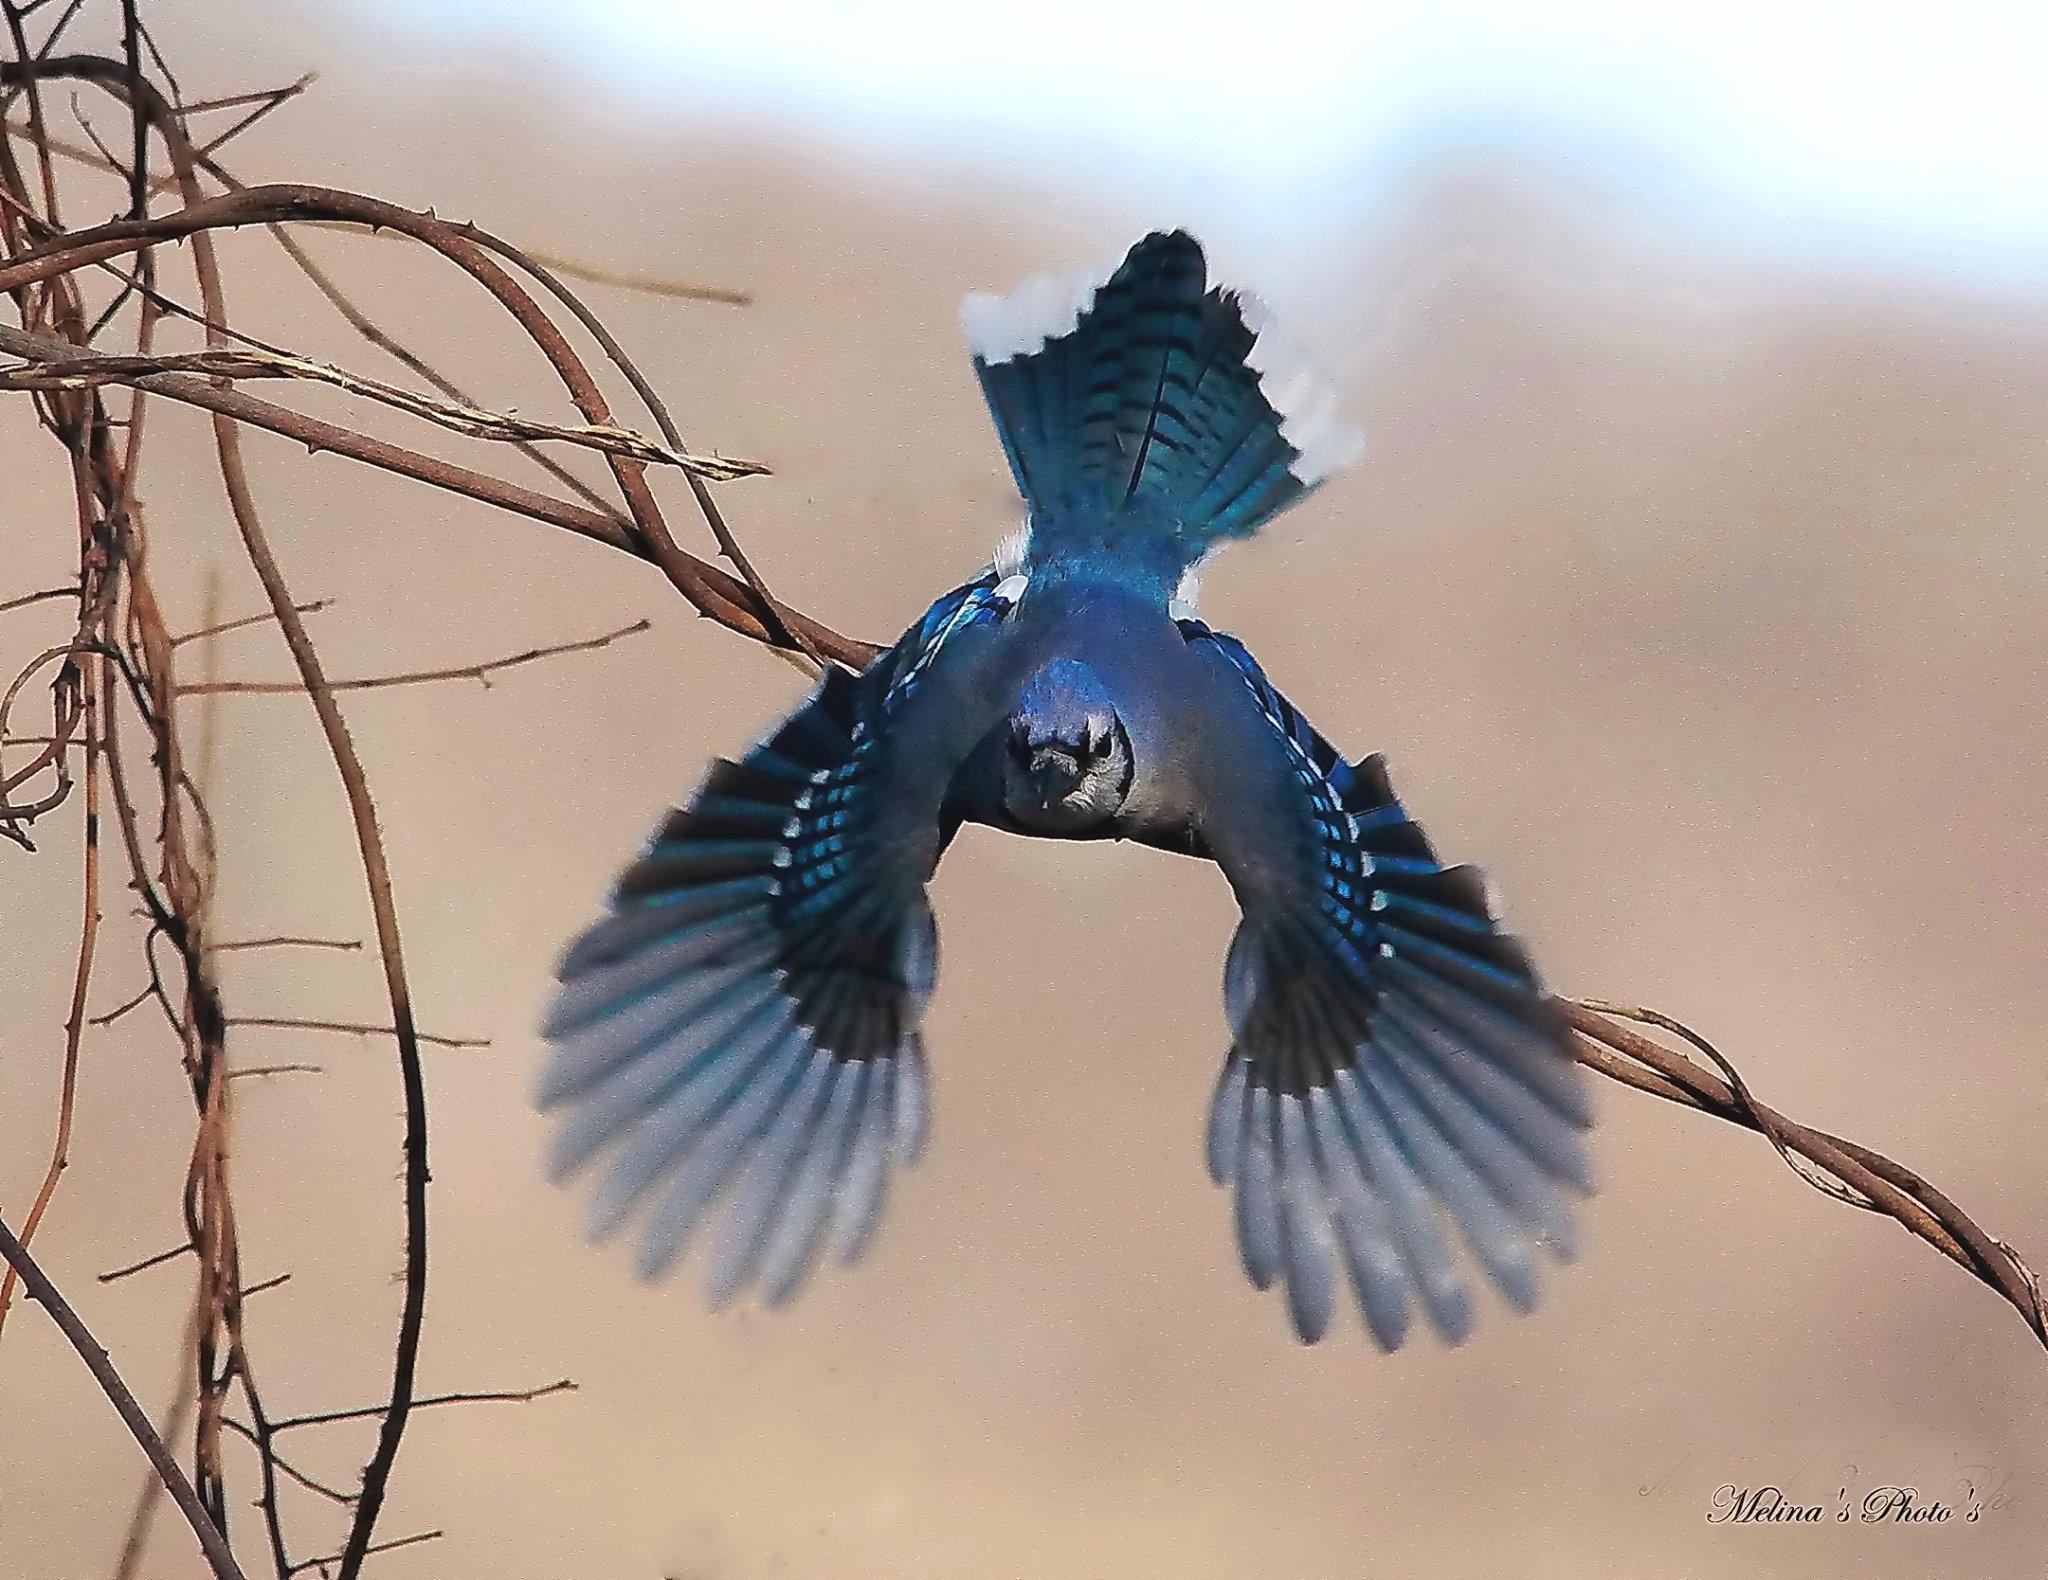 blue jay (Cyanocitta cristata), (Chara Azul), or (Geai Bleu)